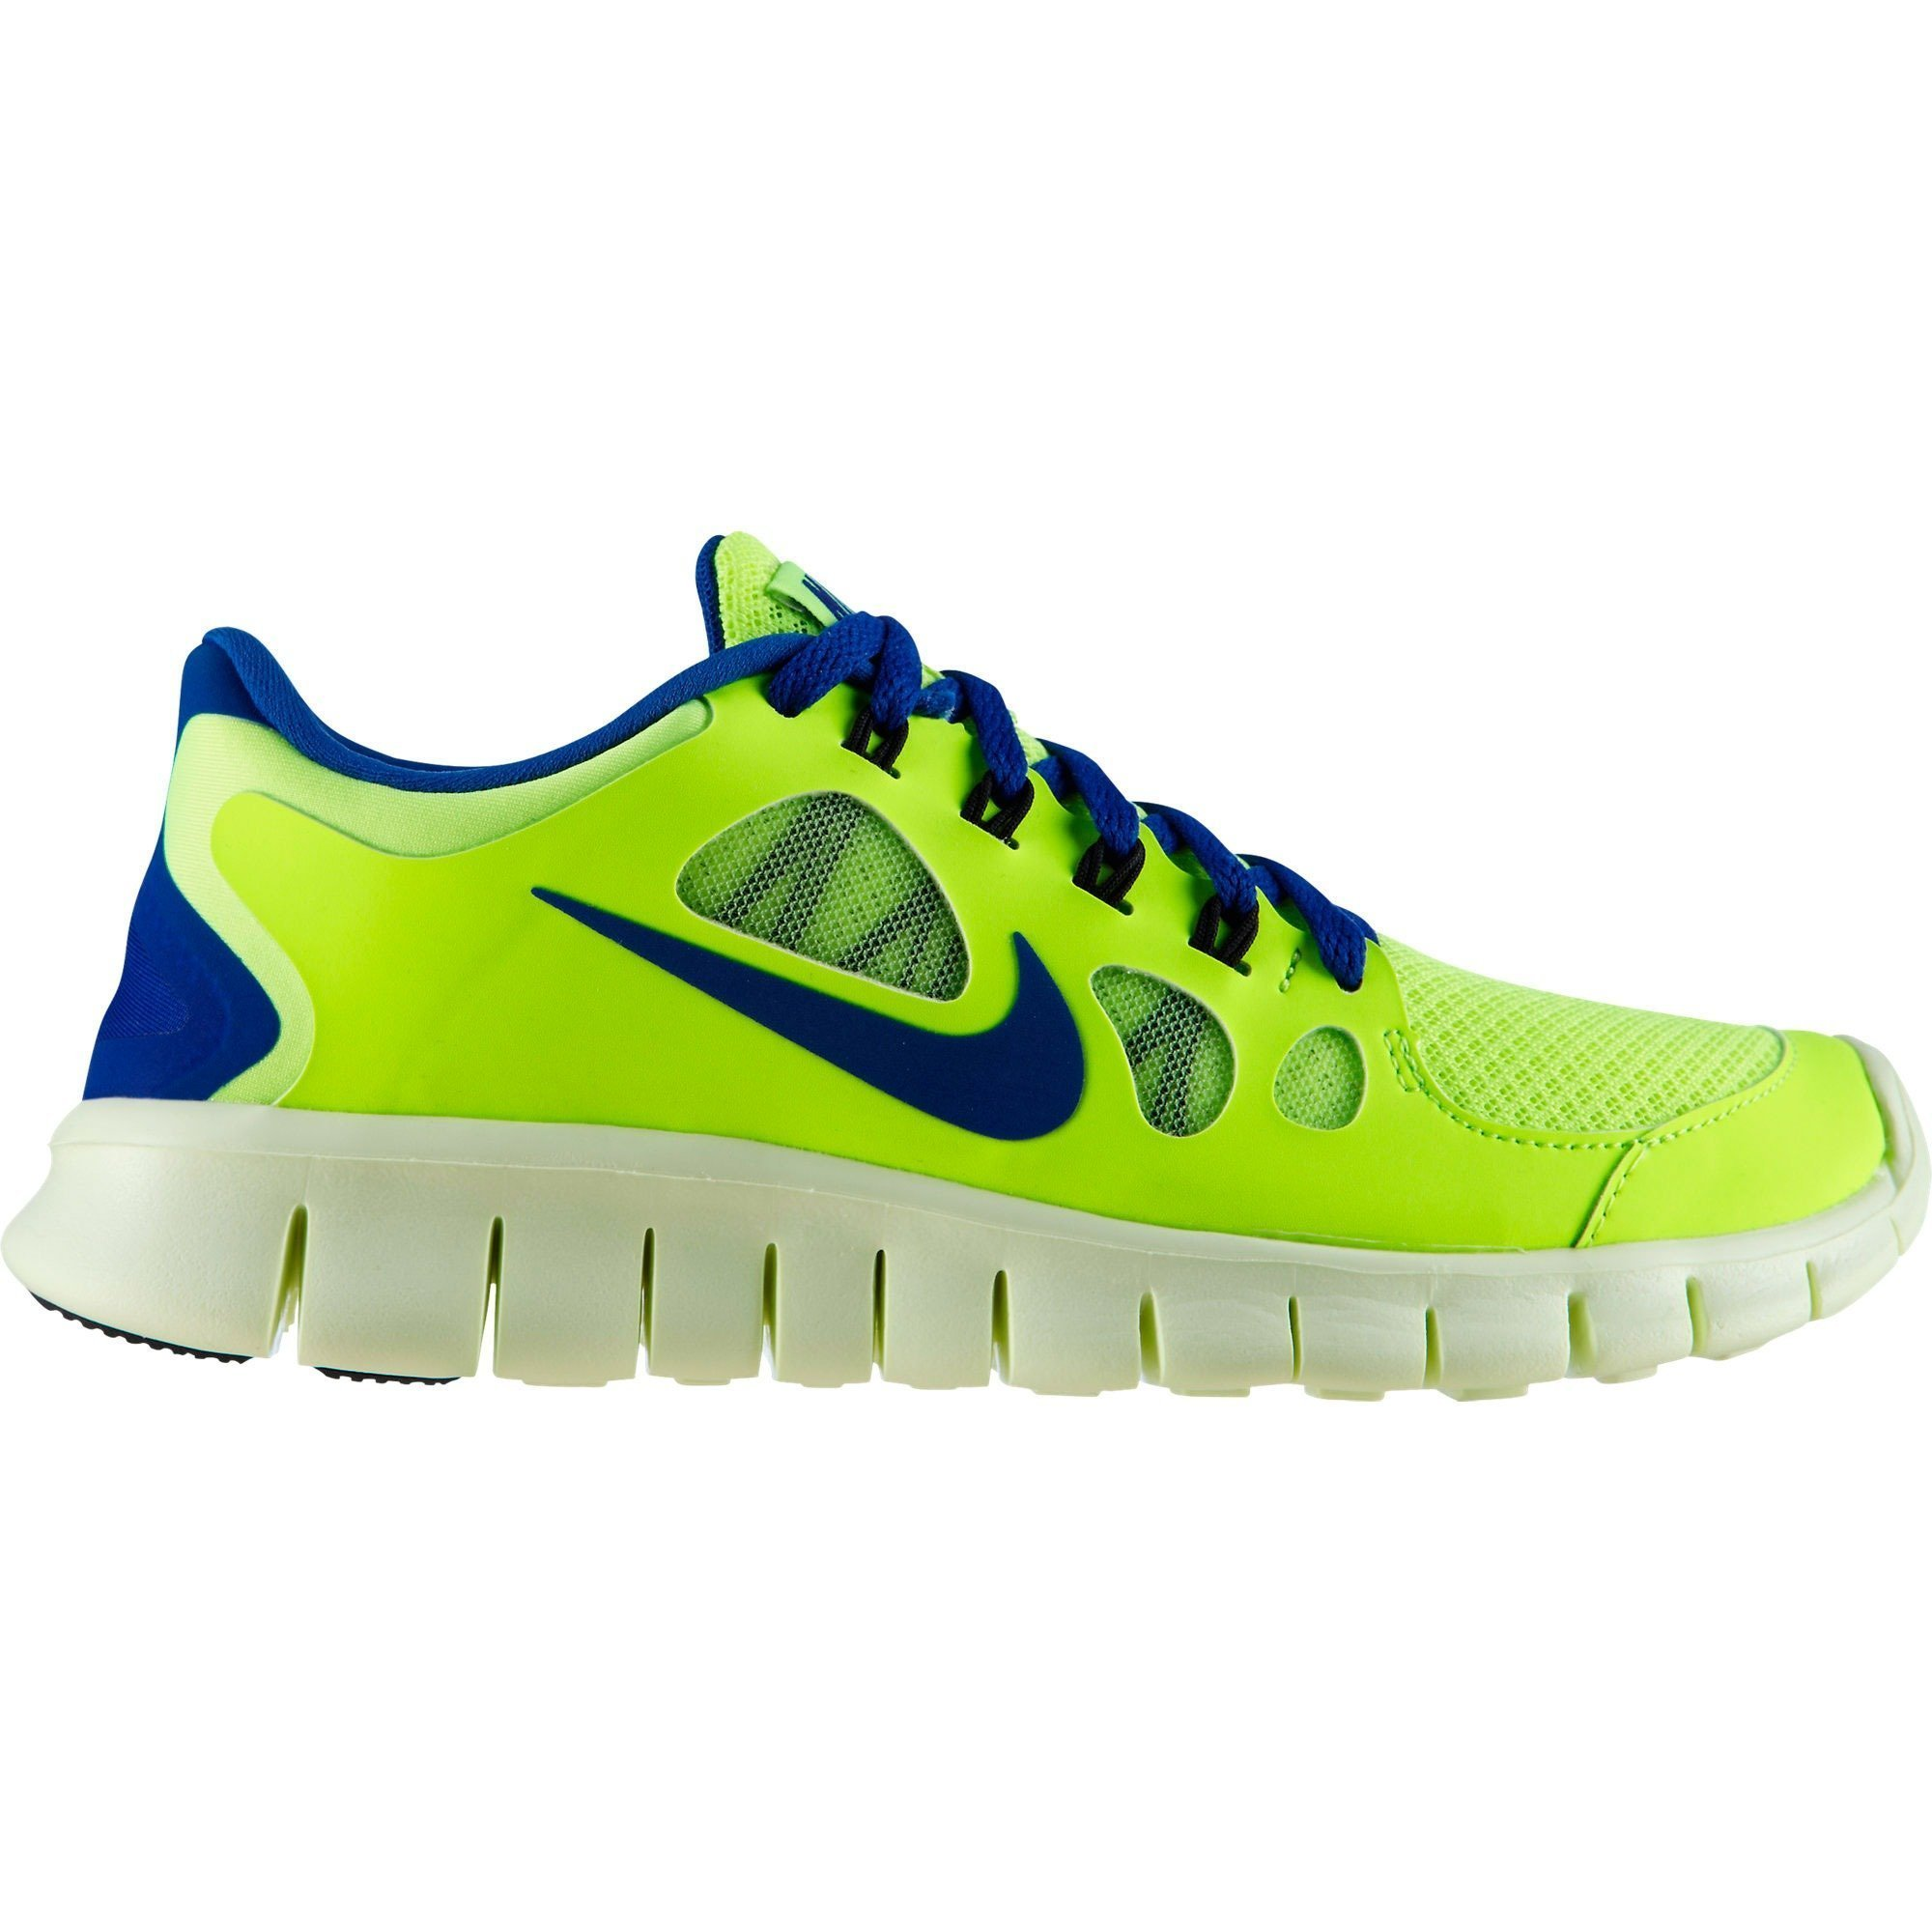 Billede af Nike Free 5.0 Junior